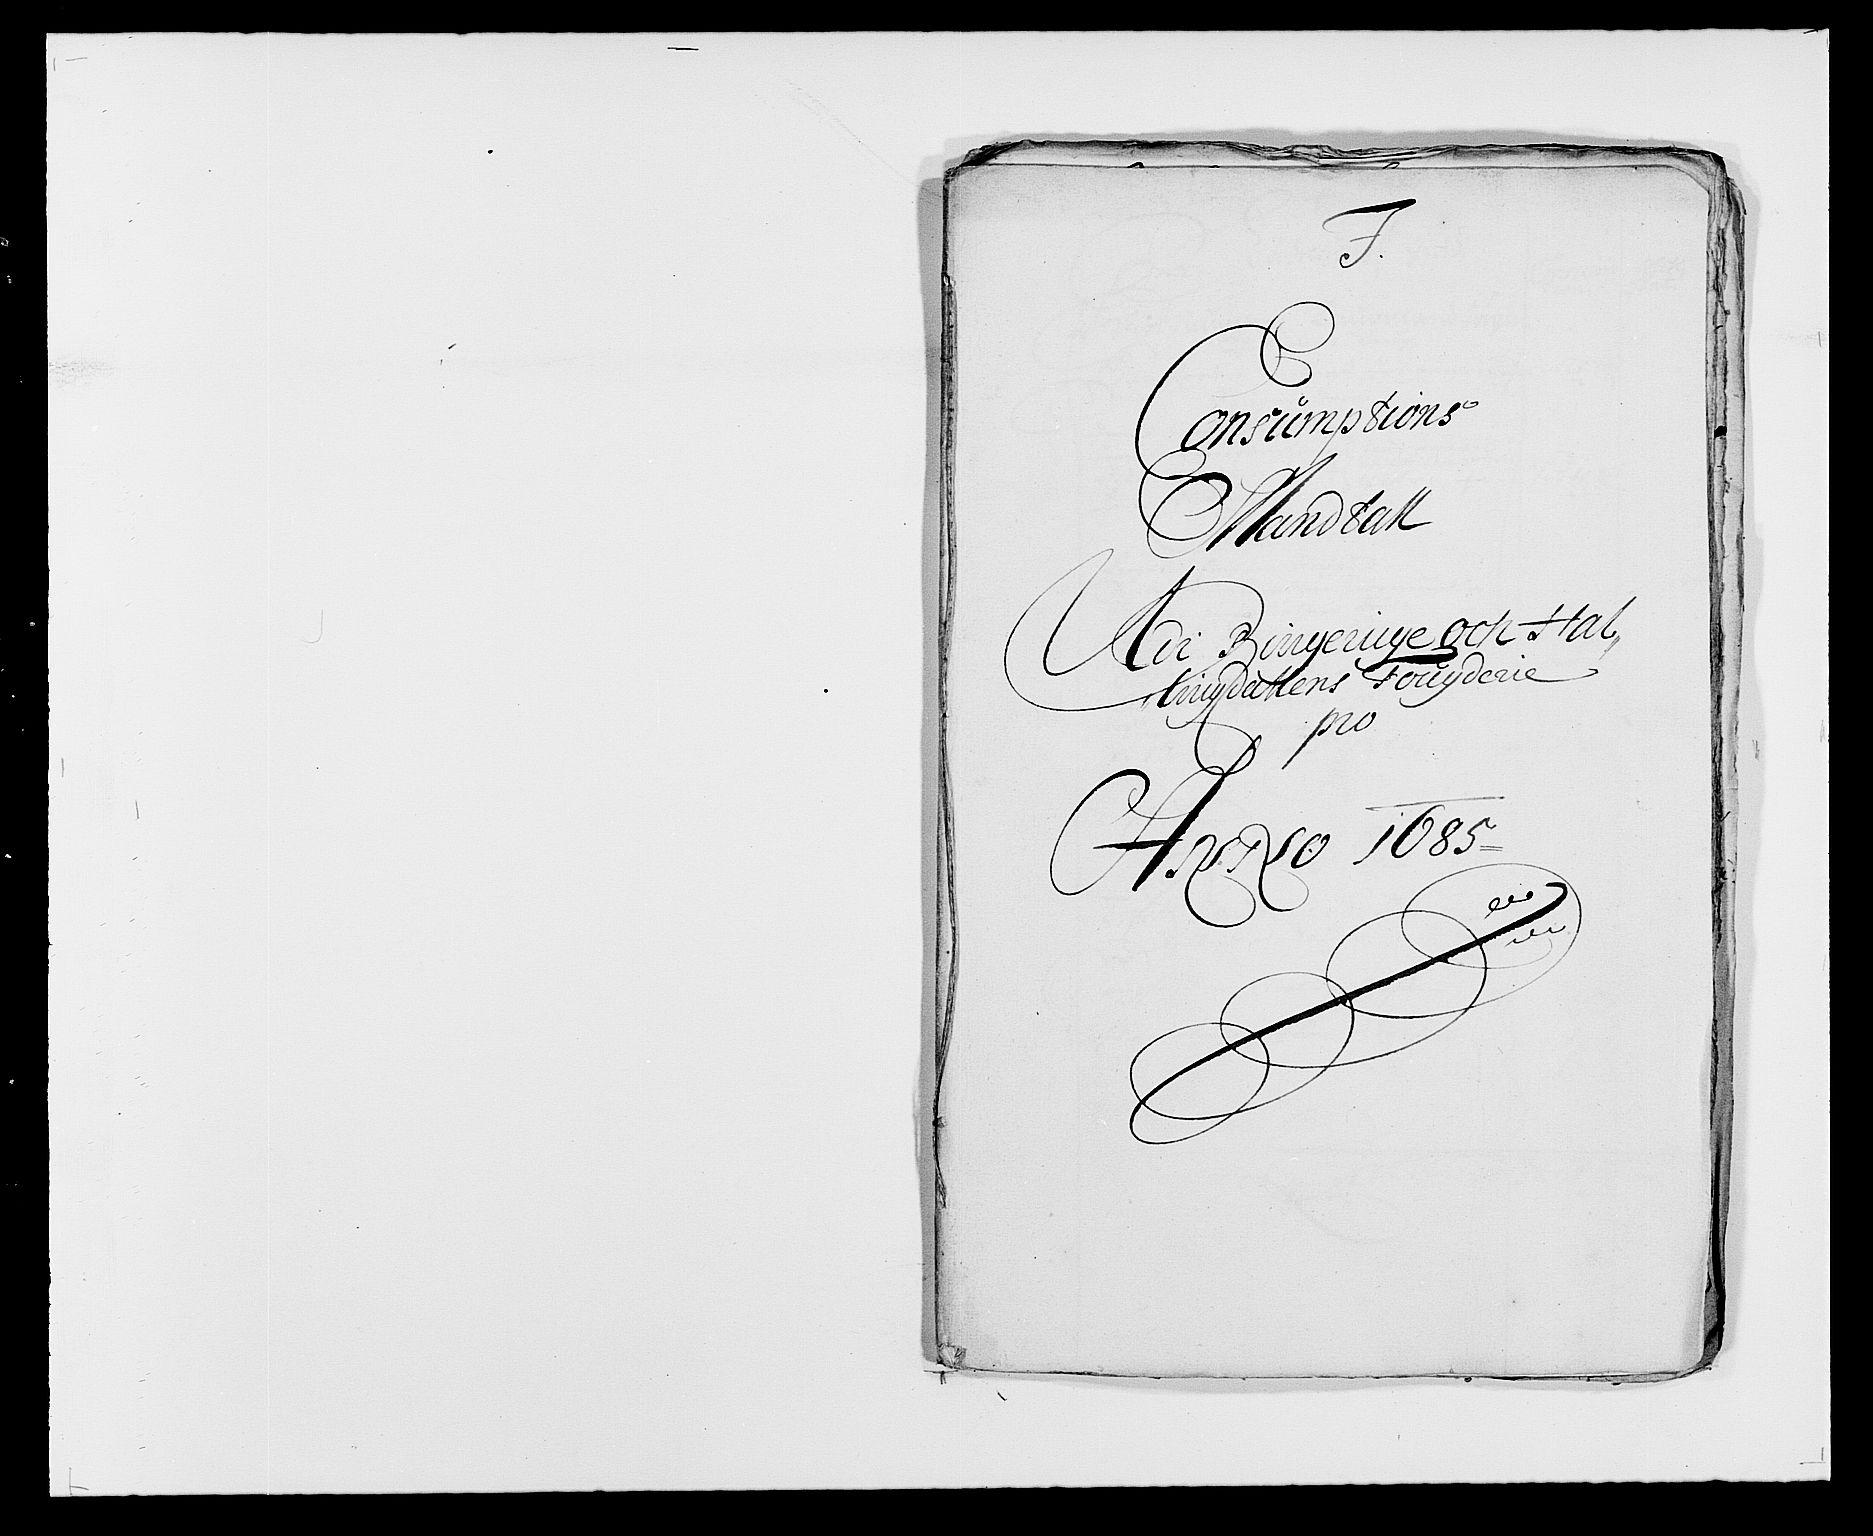 RA, Rentekammeret inntil 1814, Reviderte regnskaper, Fogderegnskap, R21/L1446: Fogderegnskap Ringerike og Hallingdal, 1683-1686, s. 368